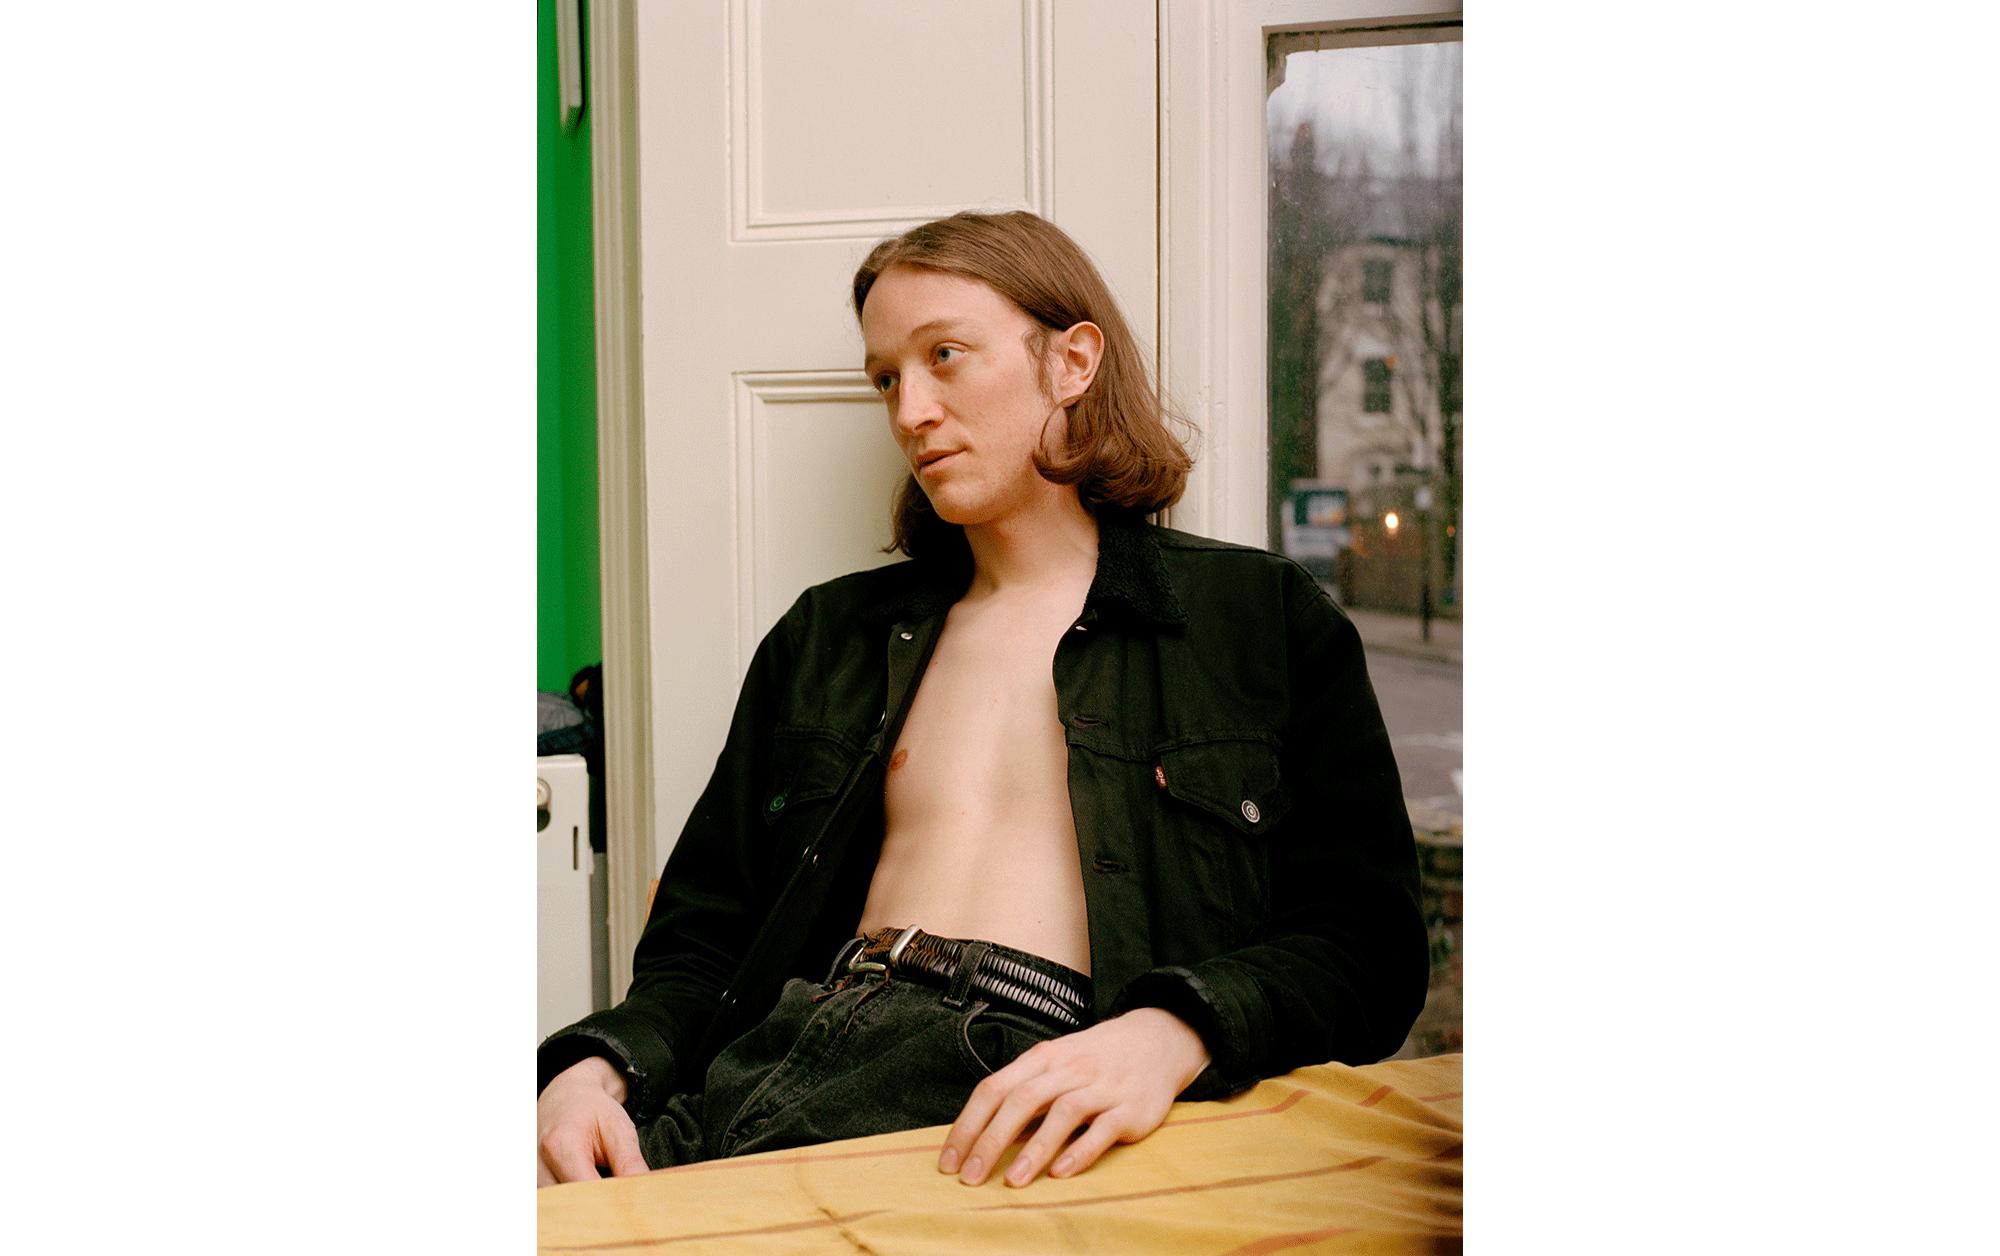 オンラインコミュニティー育ちのデザイナーが独自の手法で写真とファッションの懸け橋を目指す | Jamie Shaw